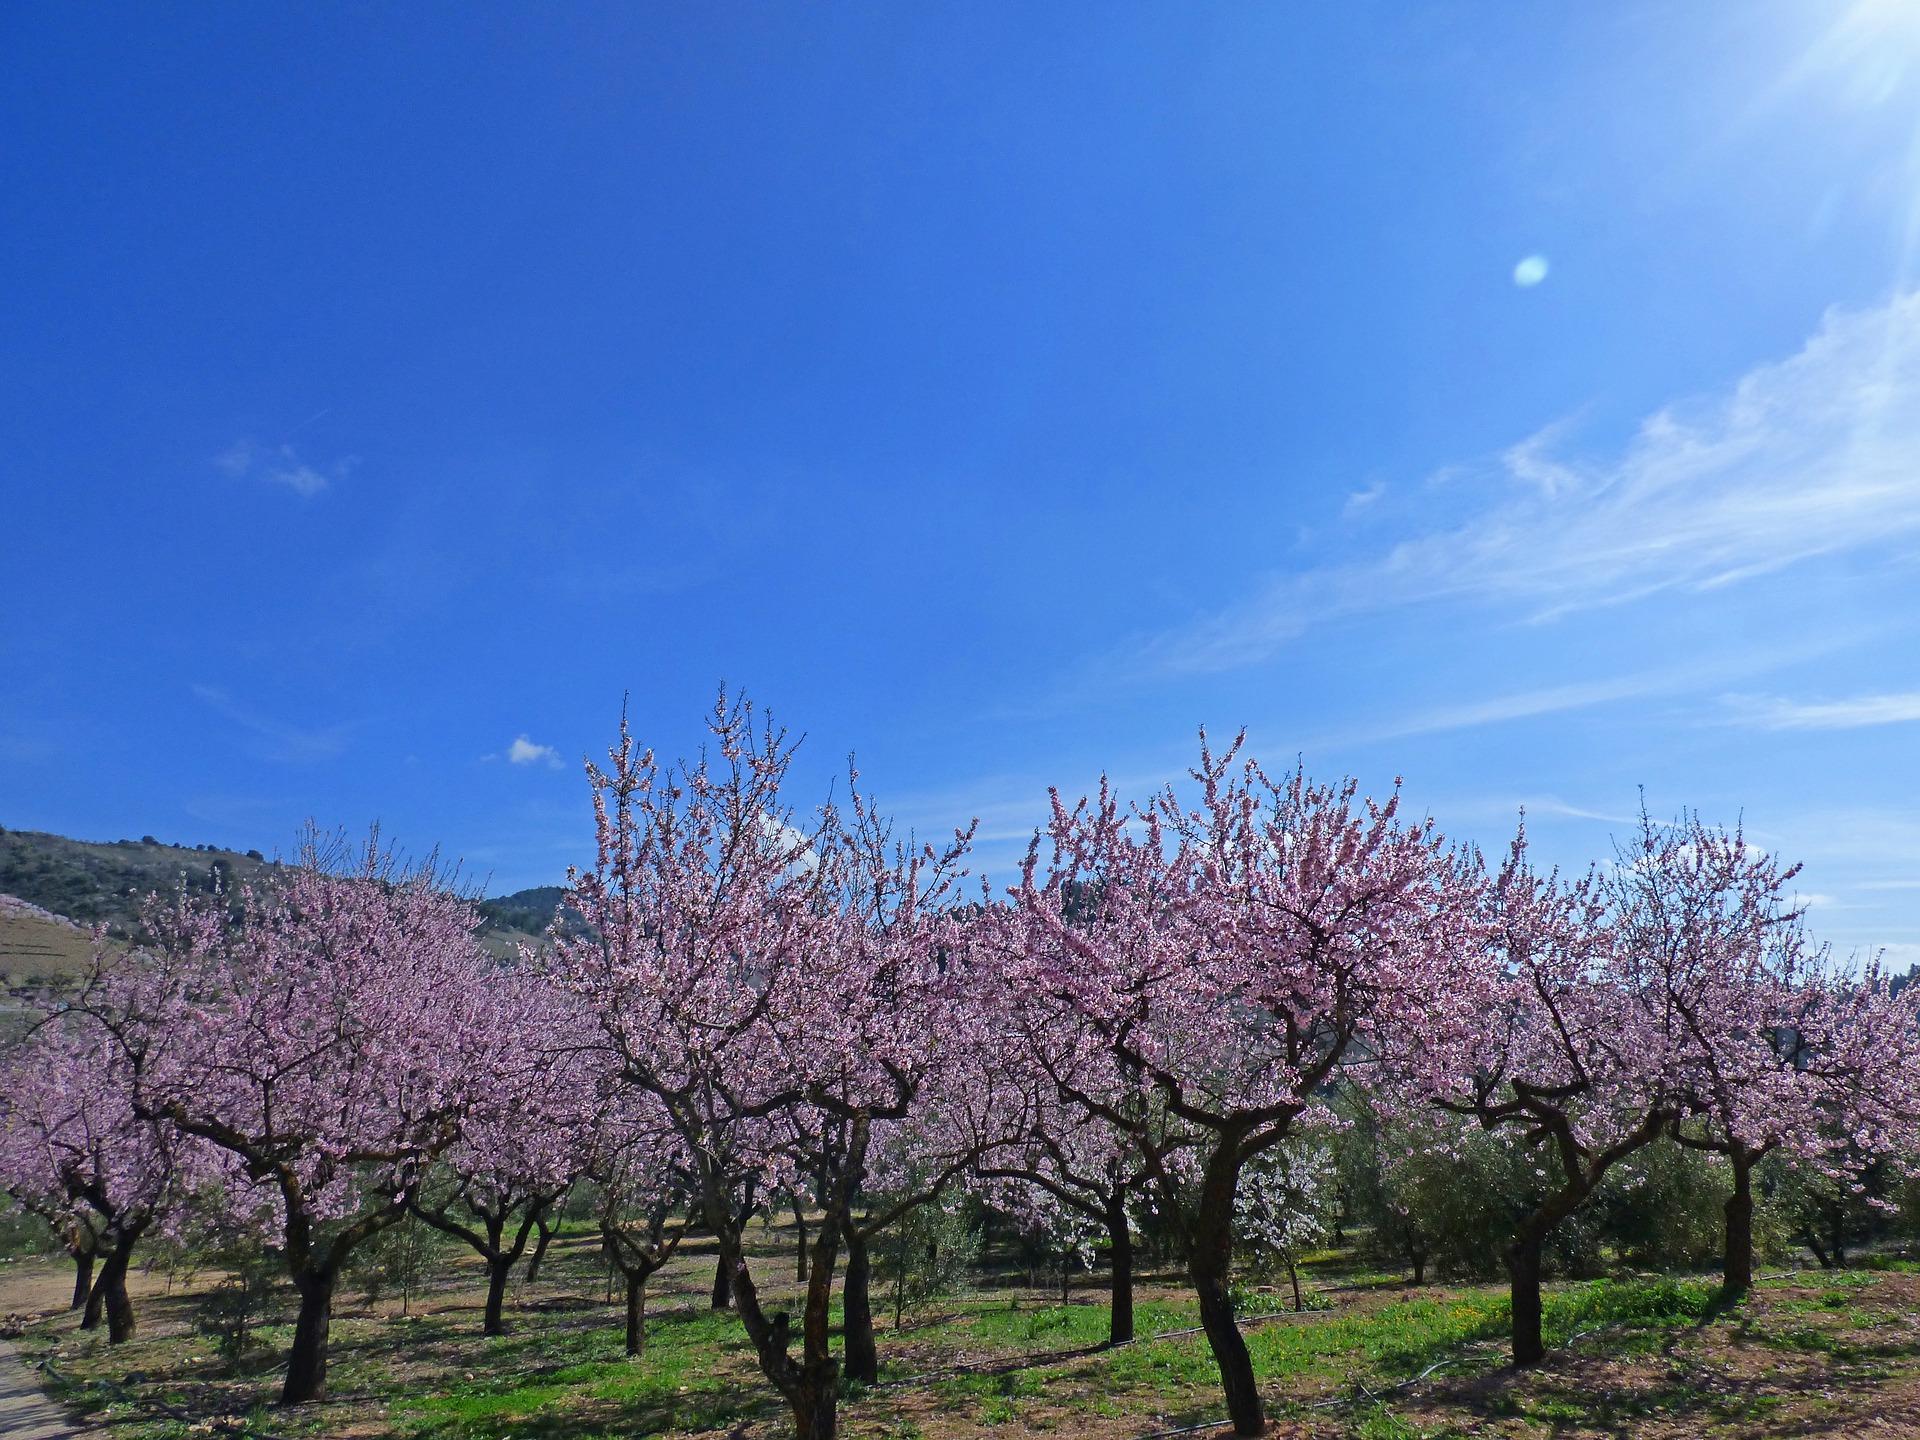 almond-grove-2102393_1920